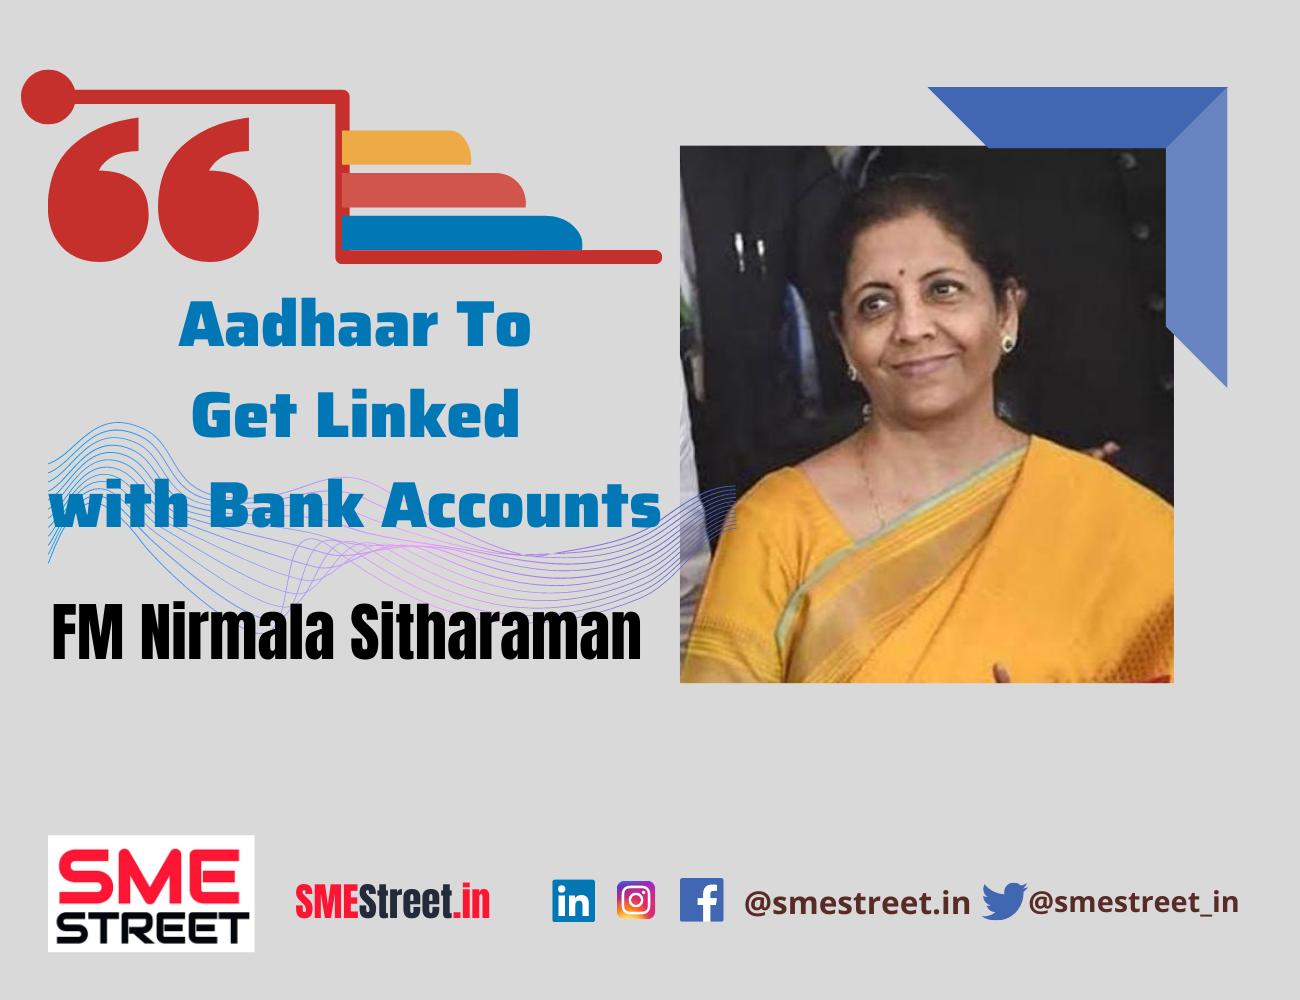 Aadhaar, Nirmala Sitharaman, SMESTreet